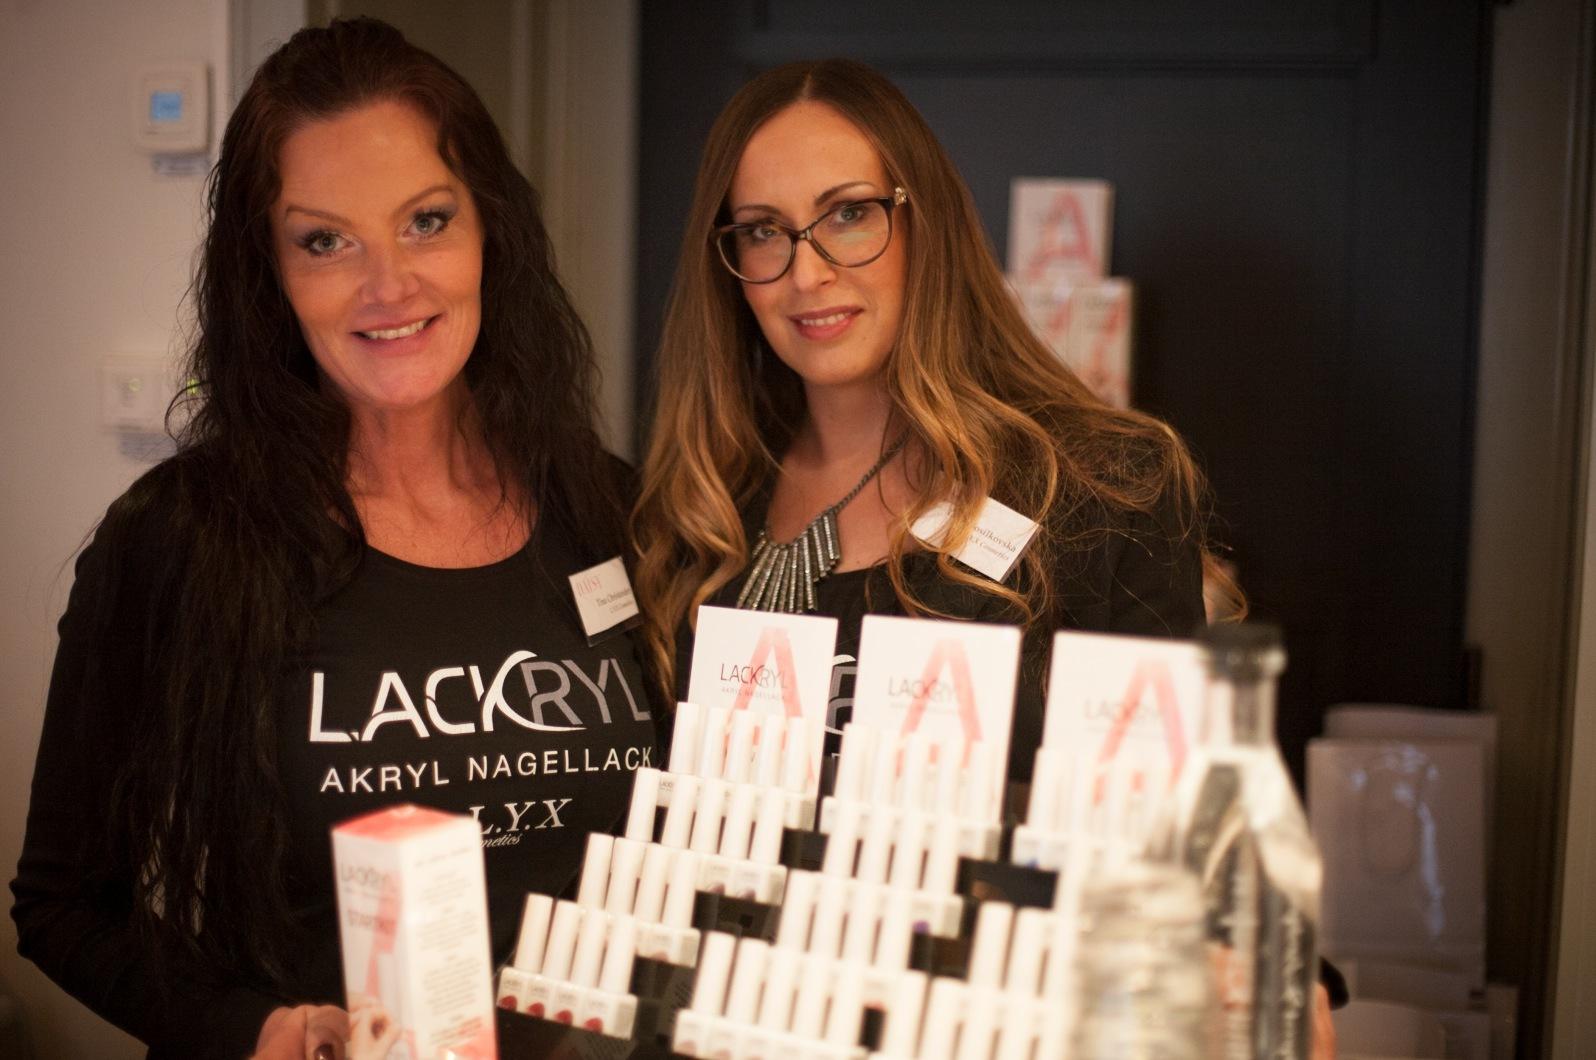 Tina och Tanja från Lyx Cosmetics lanserade sitt hemmakit med akrylnagellack. Är redan hooked.